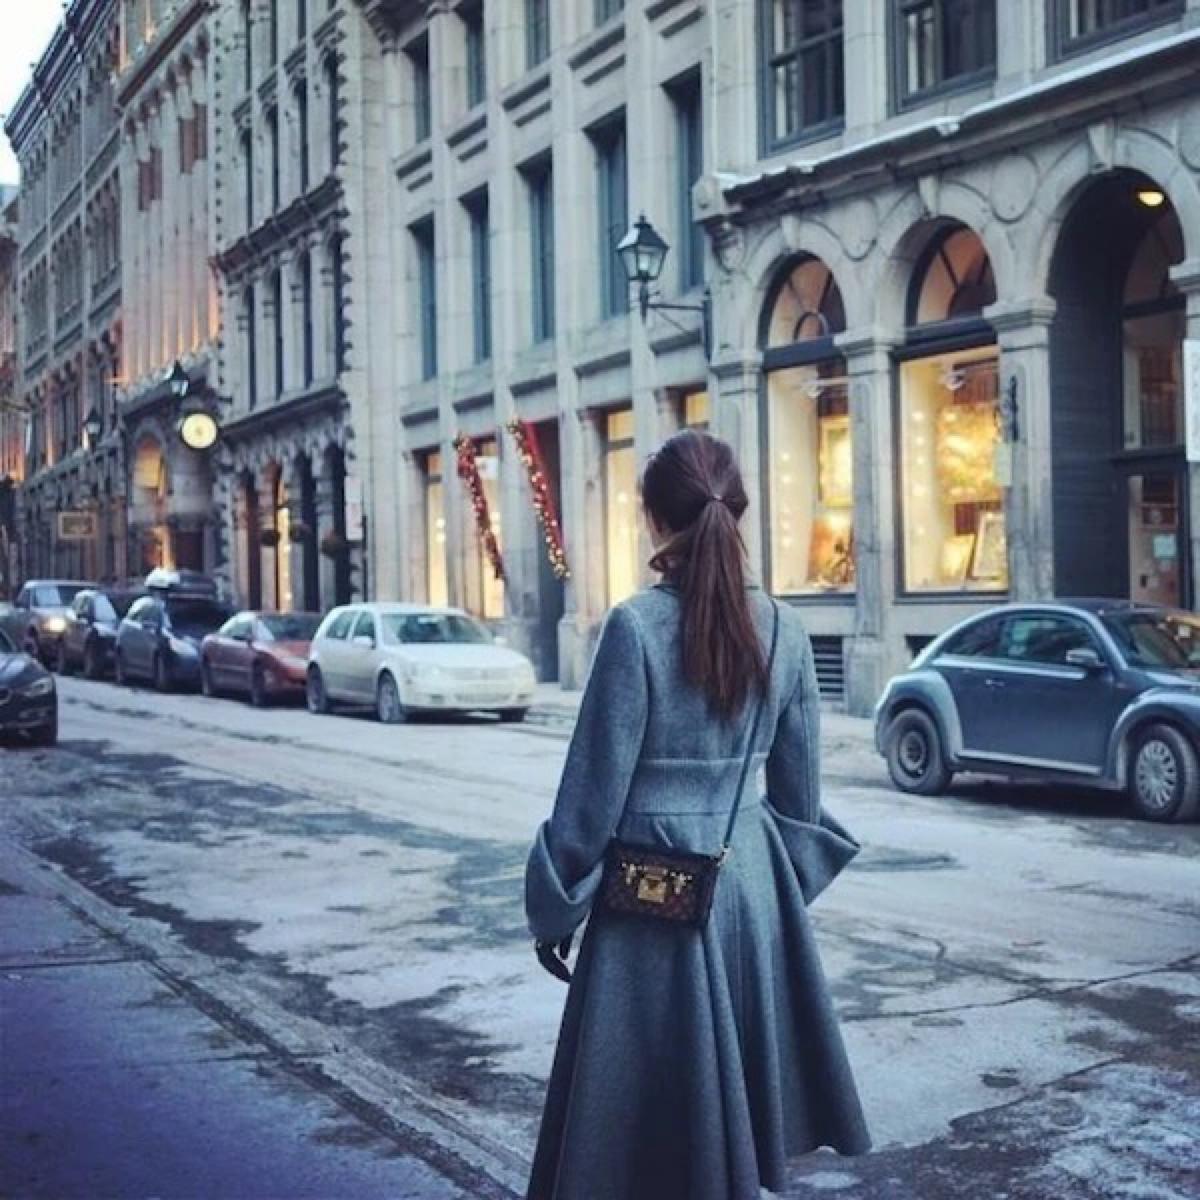 冬天背影图片女生唯美大图(点击浏览下一张趣图)